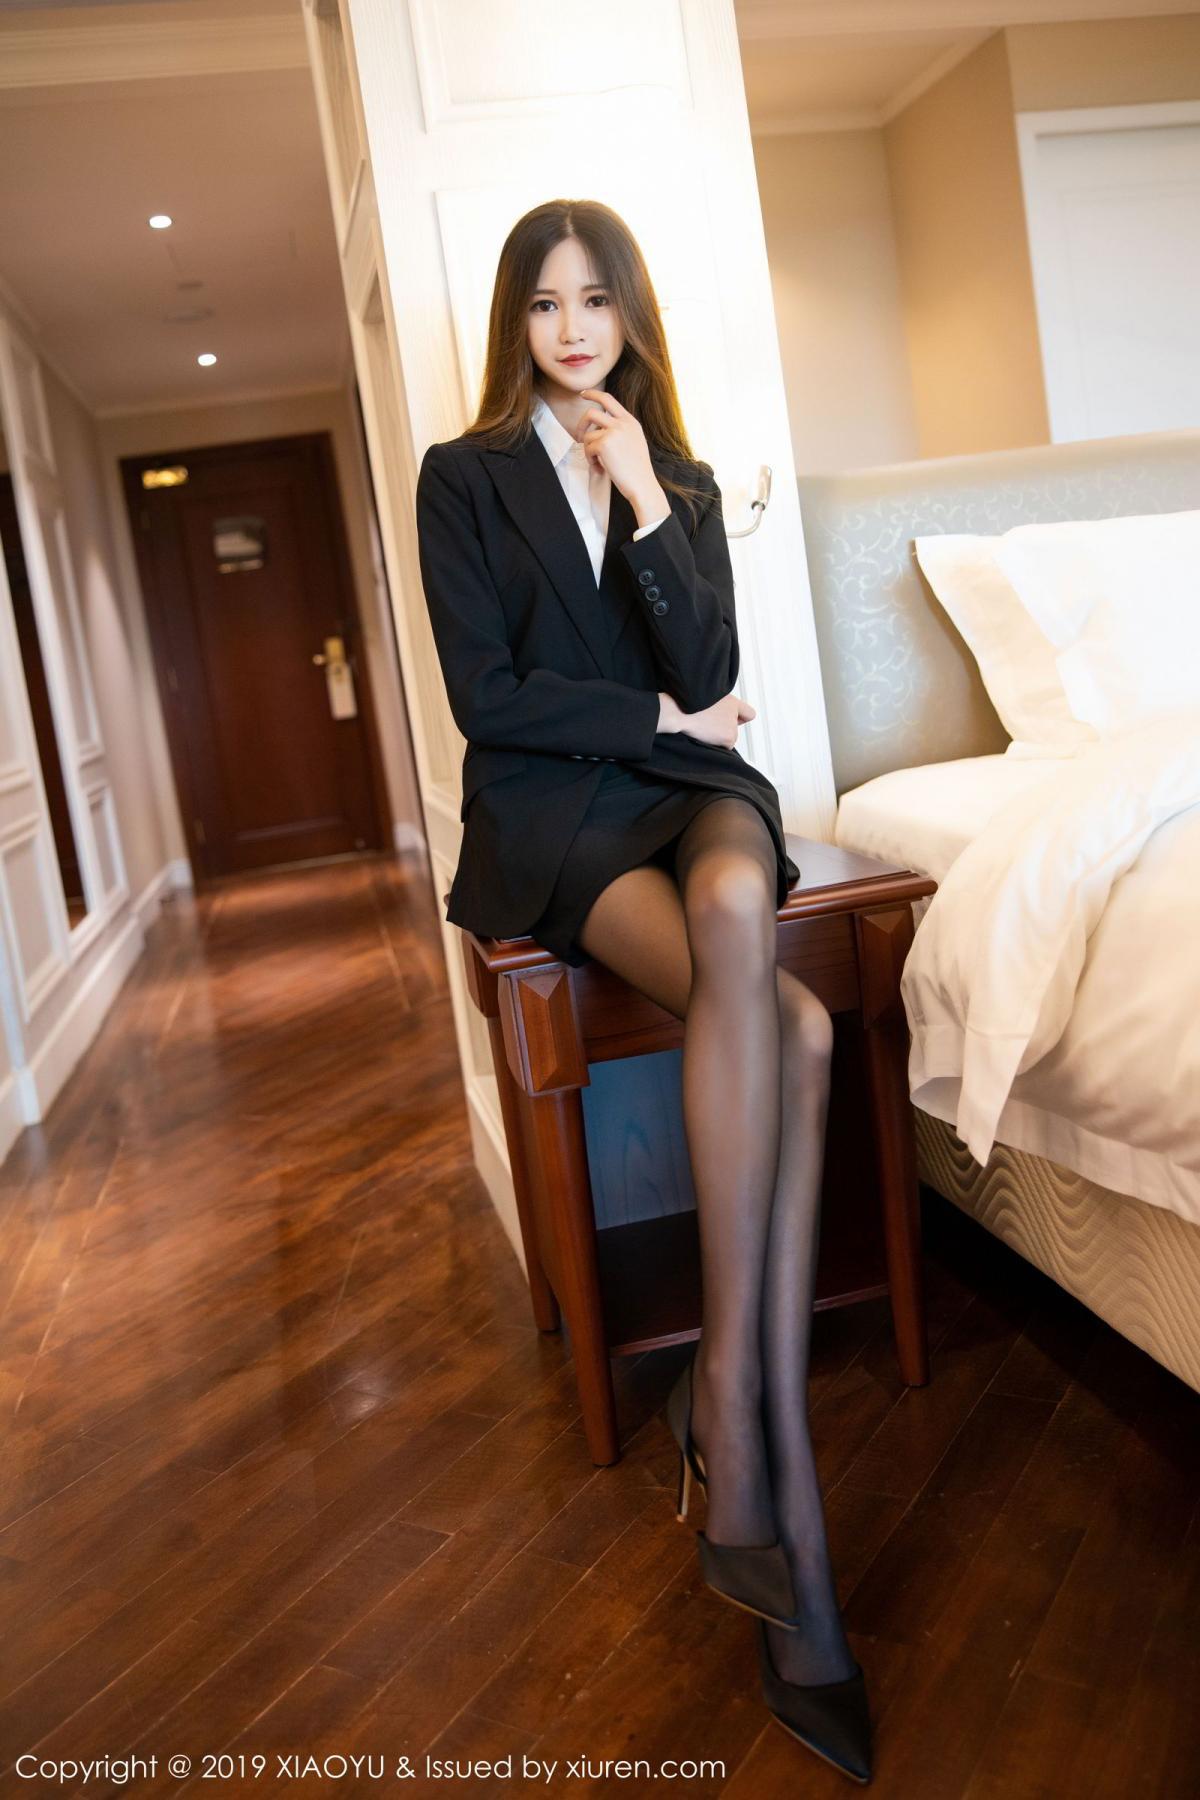 [XiaoYu] Vol.201 Cheng Cheng Cheng 10P, Black Silk, Cheng Cheng Cheng, Uniform, XiaoYu